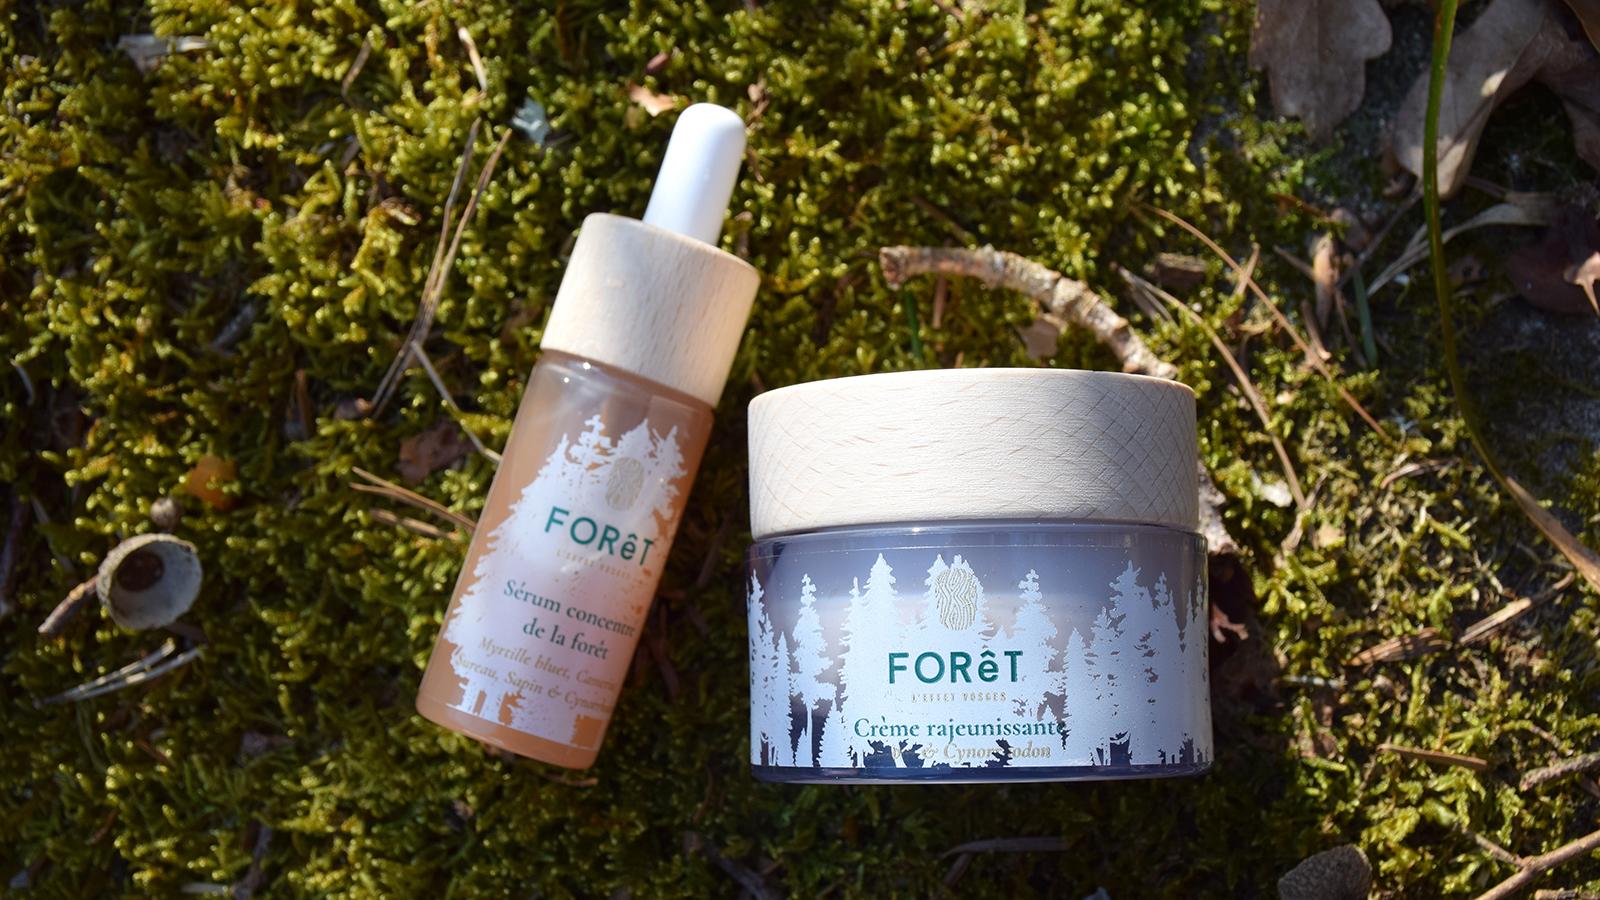 Crème rajeunissante et Sérum concentré de la forêt